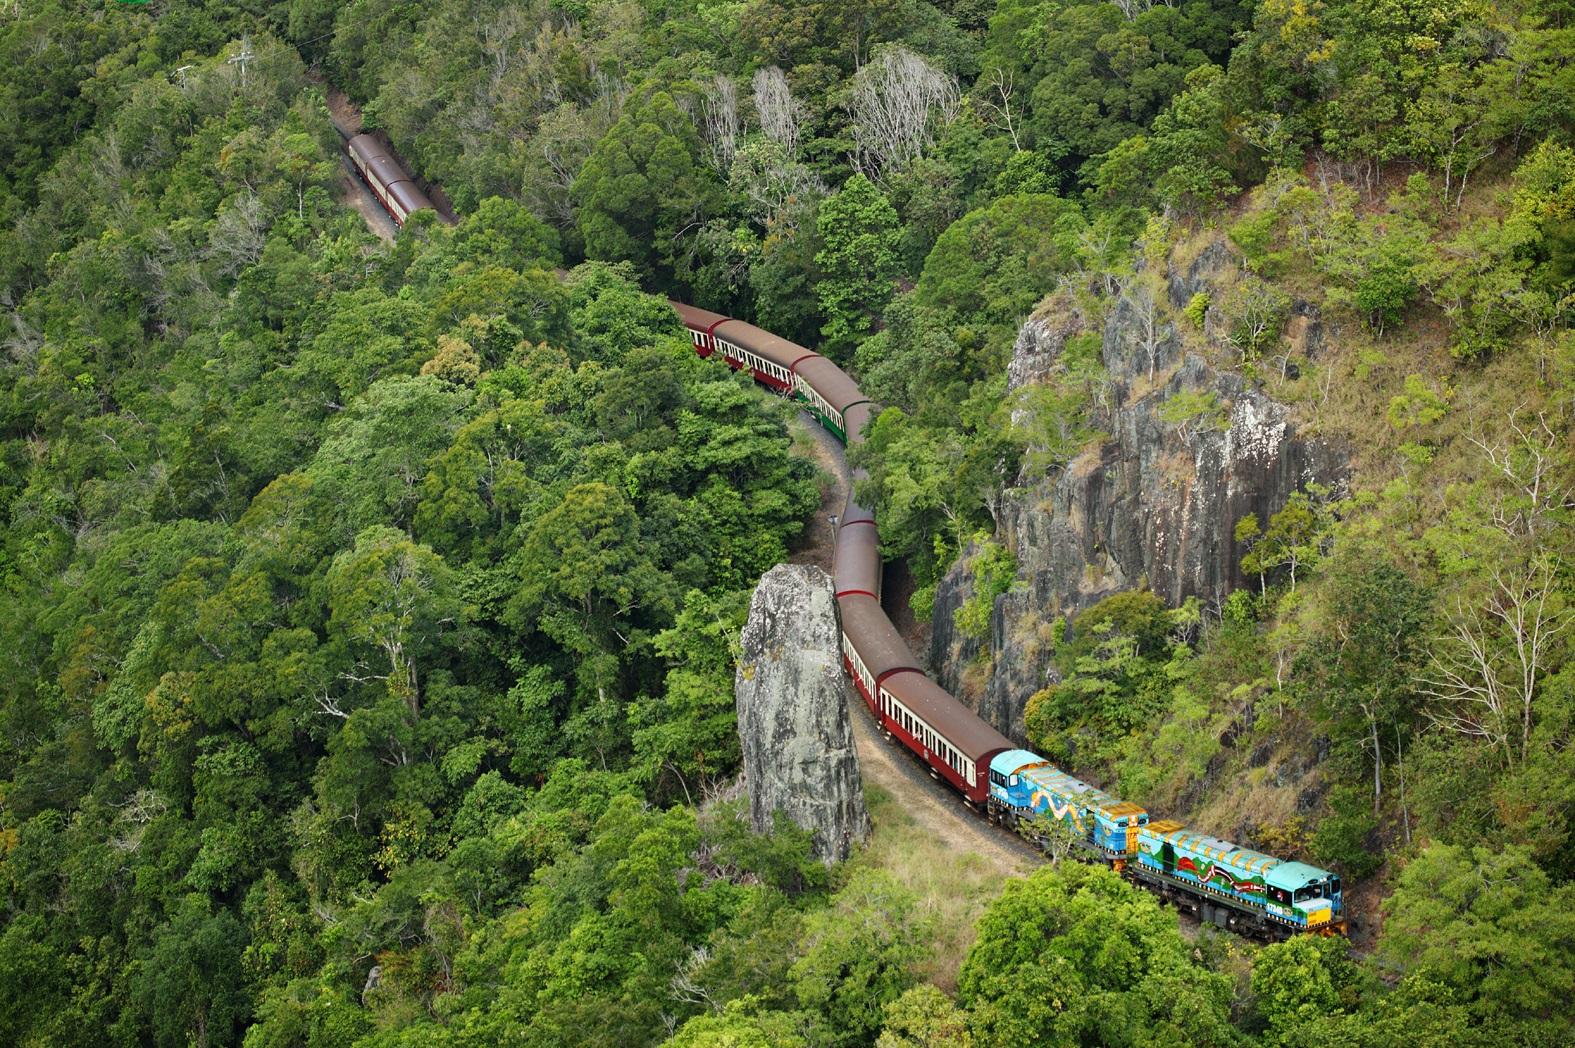 Kuranda: Scenic Rail and Skyrail Q-0850 S-1345 XC